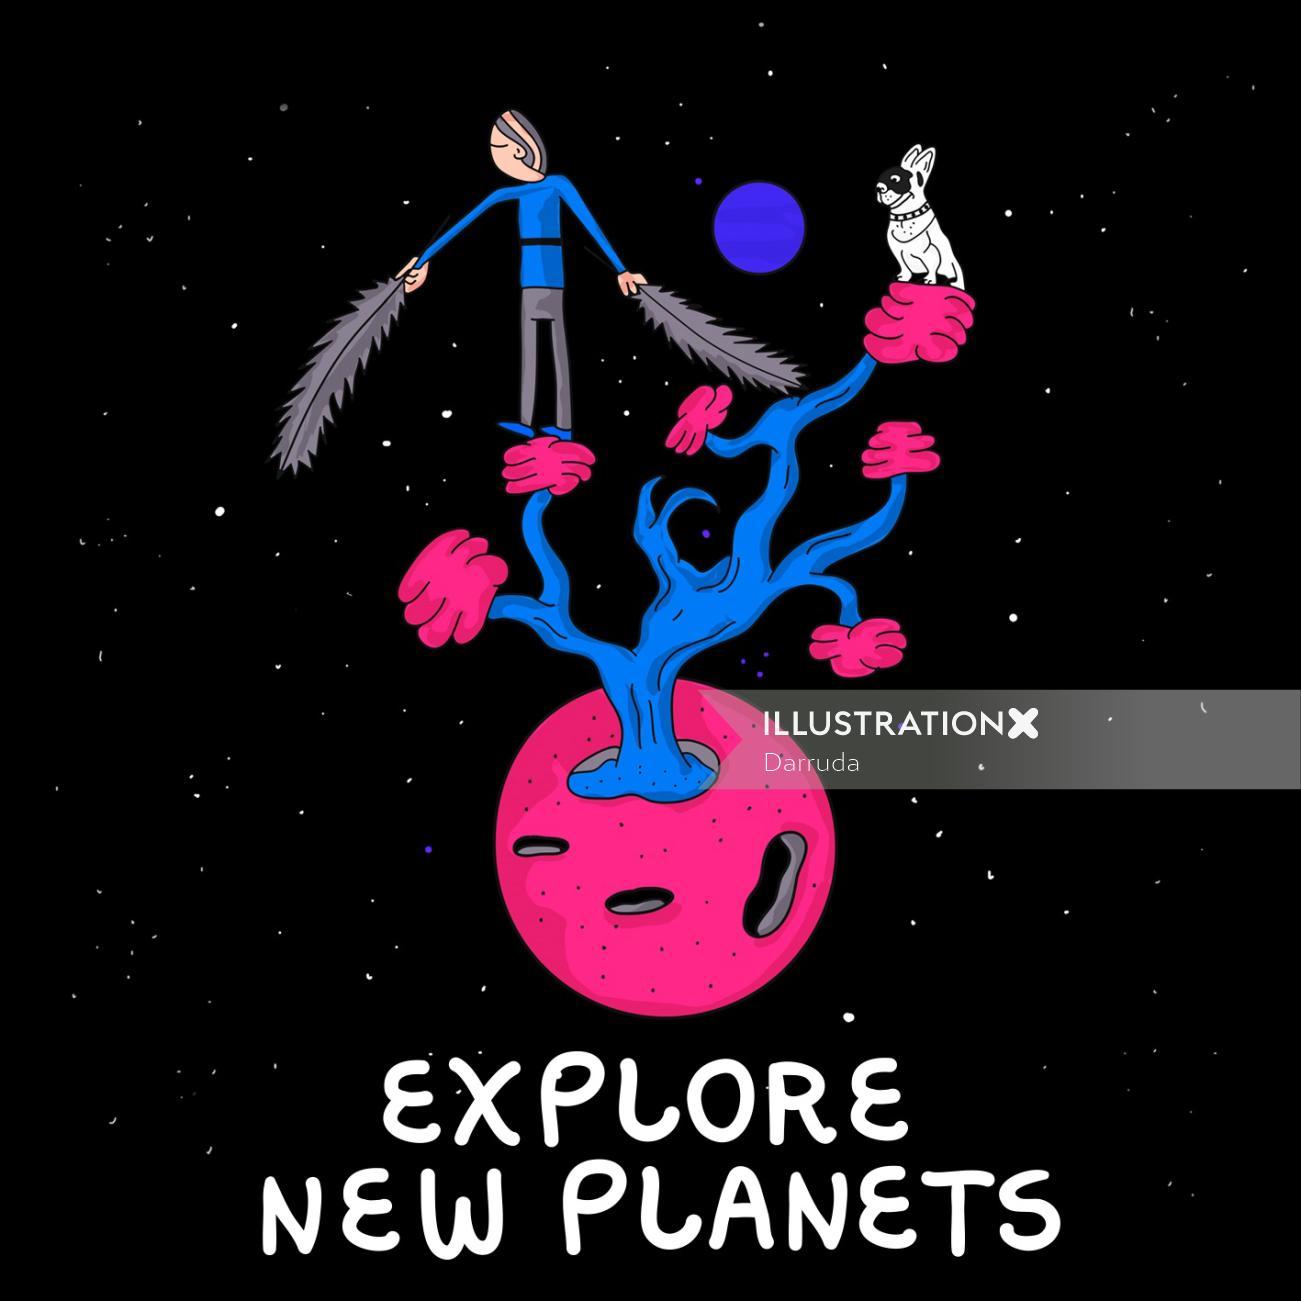 Digital explore new planets